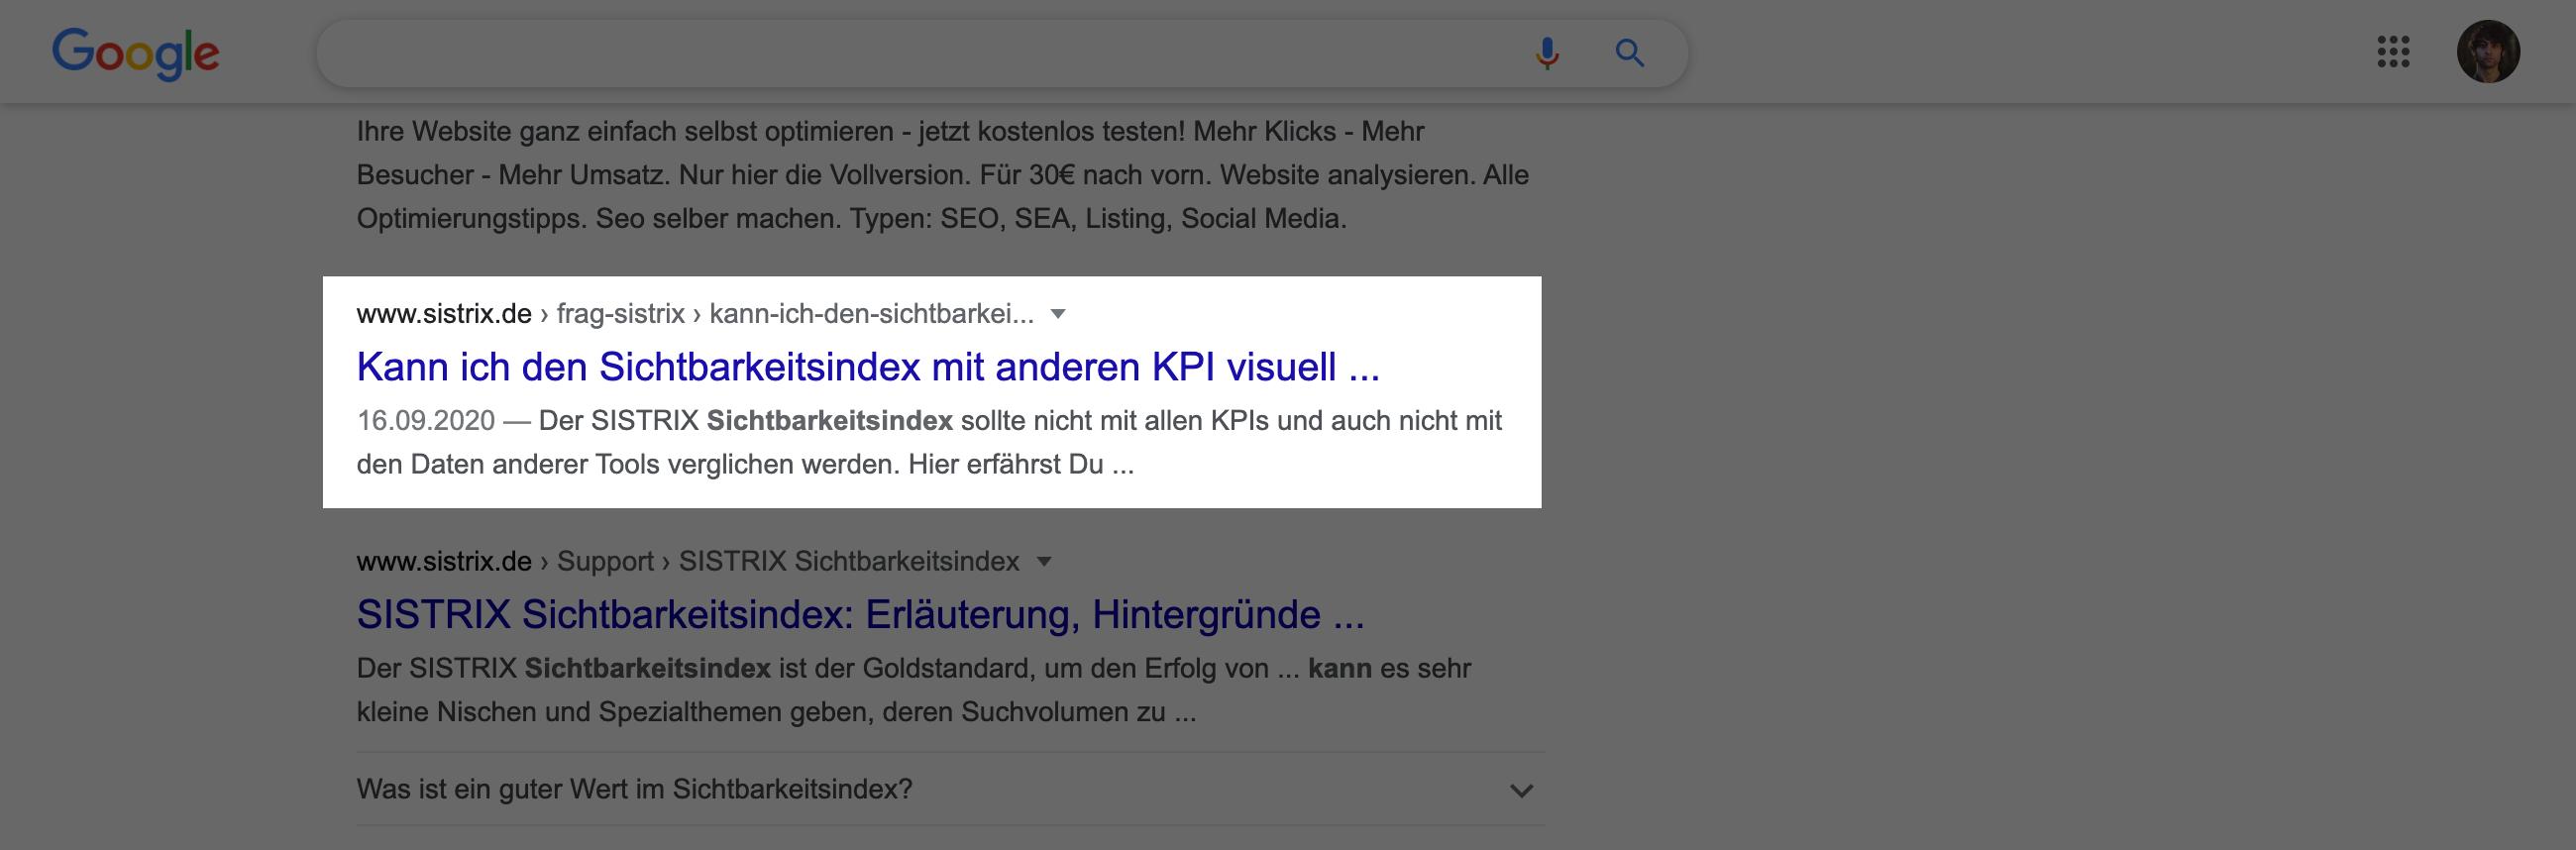 Suchtreffer in den Google-Suchergebnissen. Der Titel hat hier mehr als 59 Zeichen und wird verkürzt dargestellt.